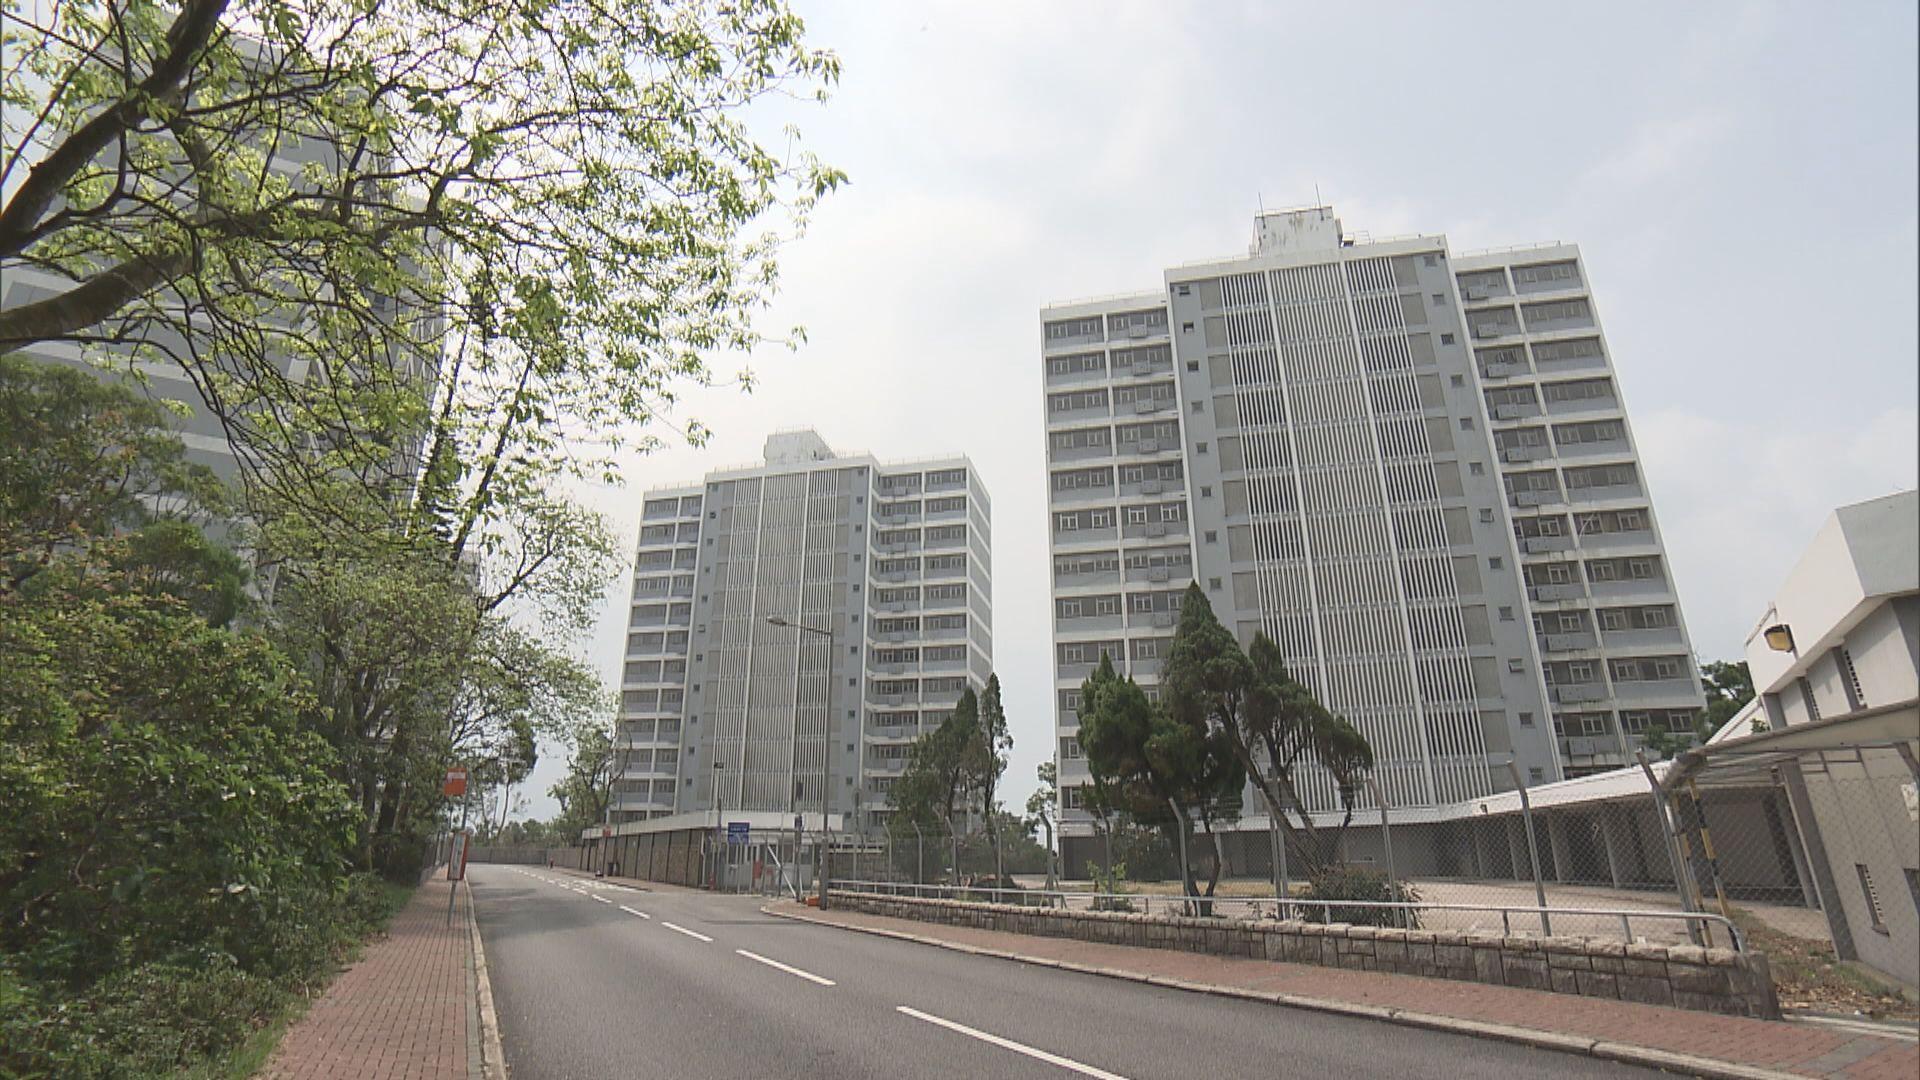 下季兩住宅地招標 連其他項目料可供應2780個單位